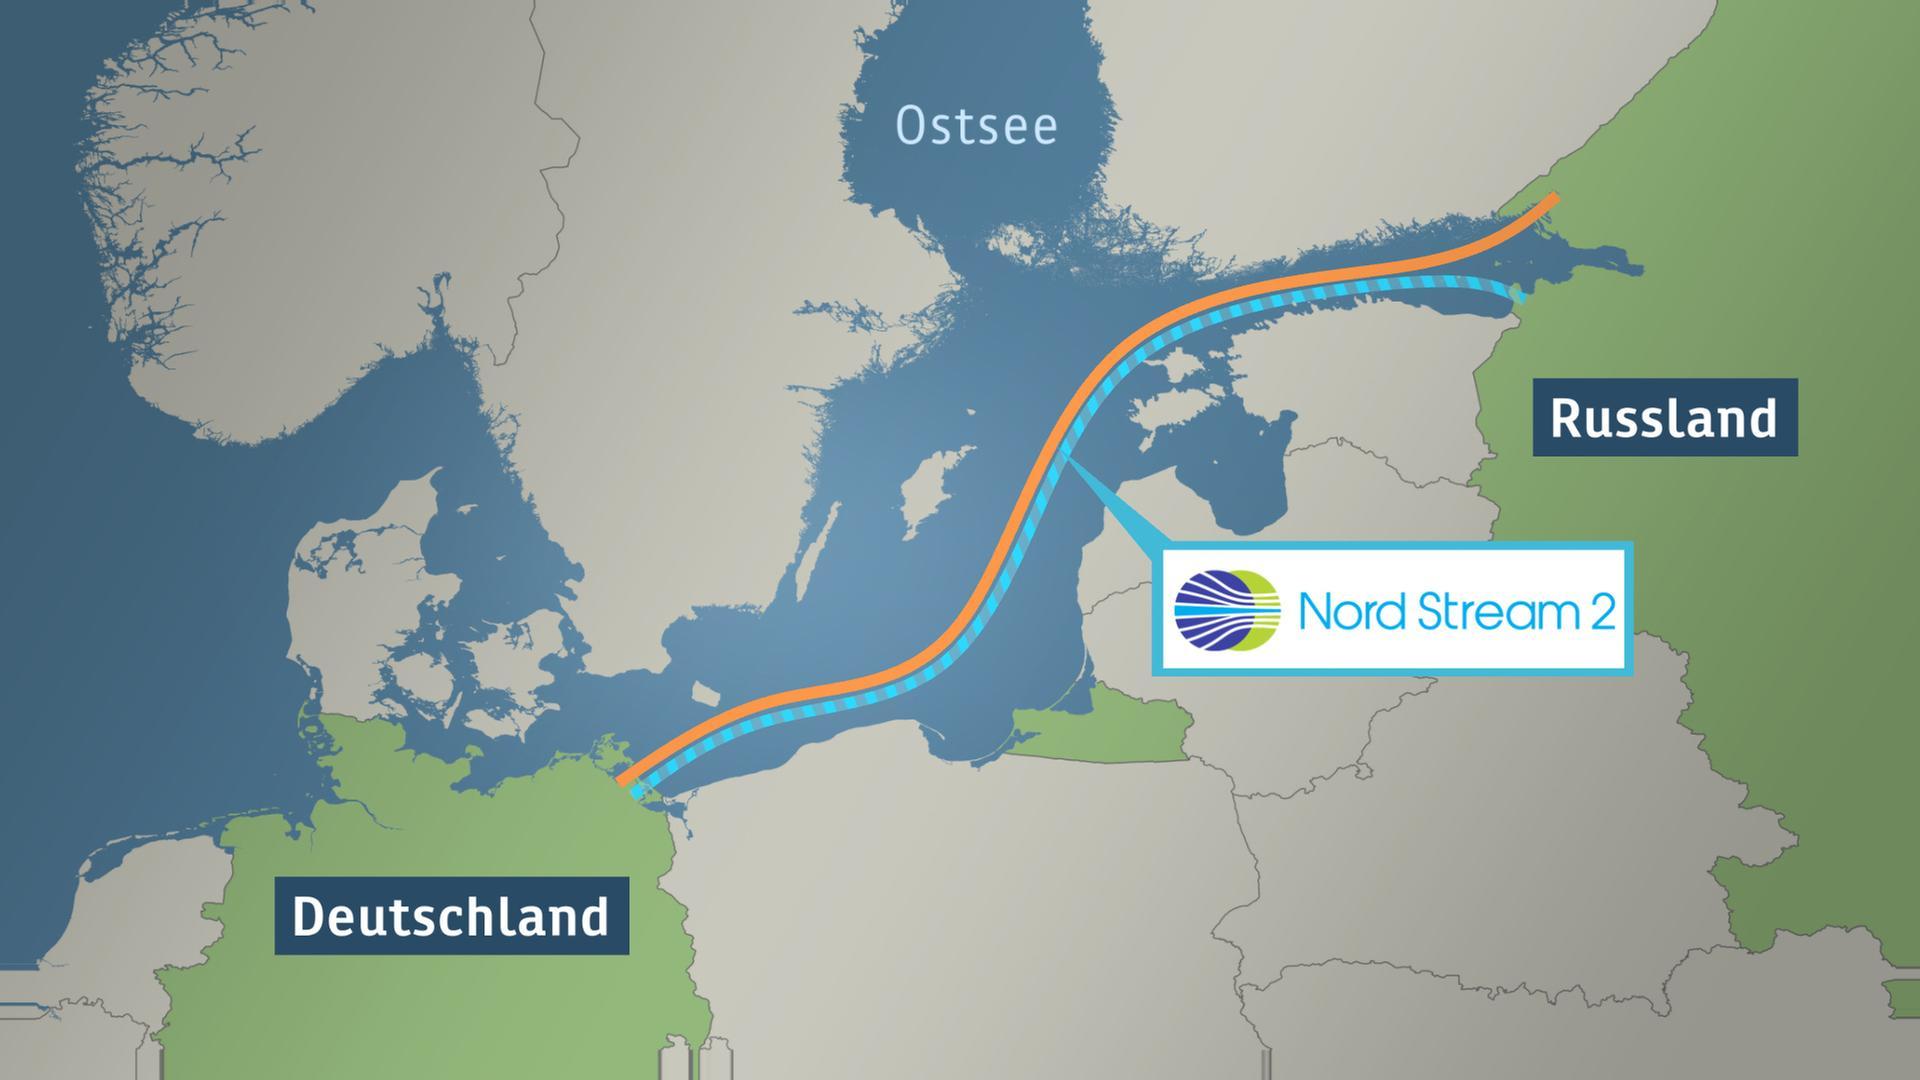 Nord Stream 2 Karte.Bauarbeiten Voll Im Zeitplan Nord Stream 2 Trotzt Trump